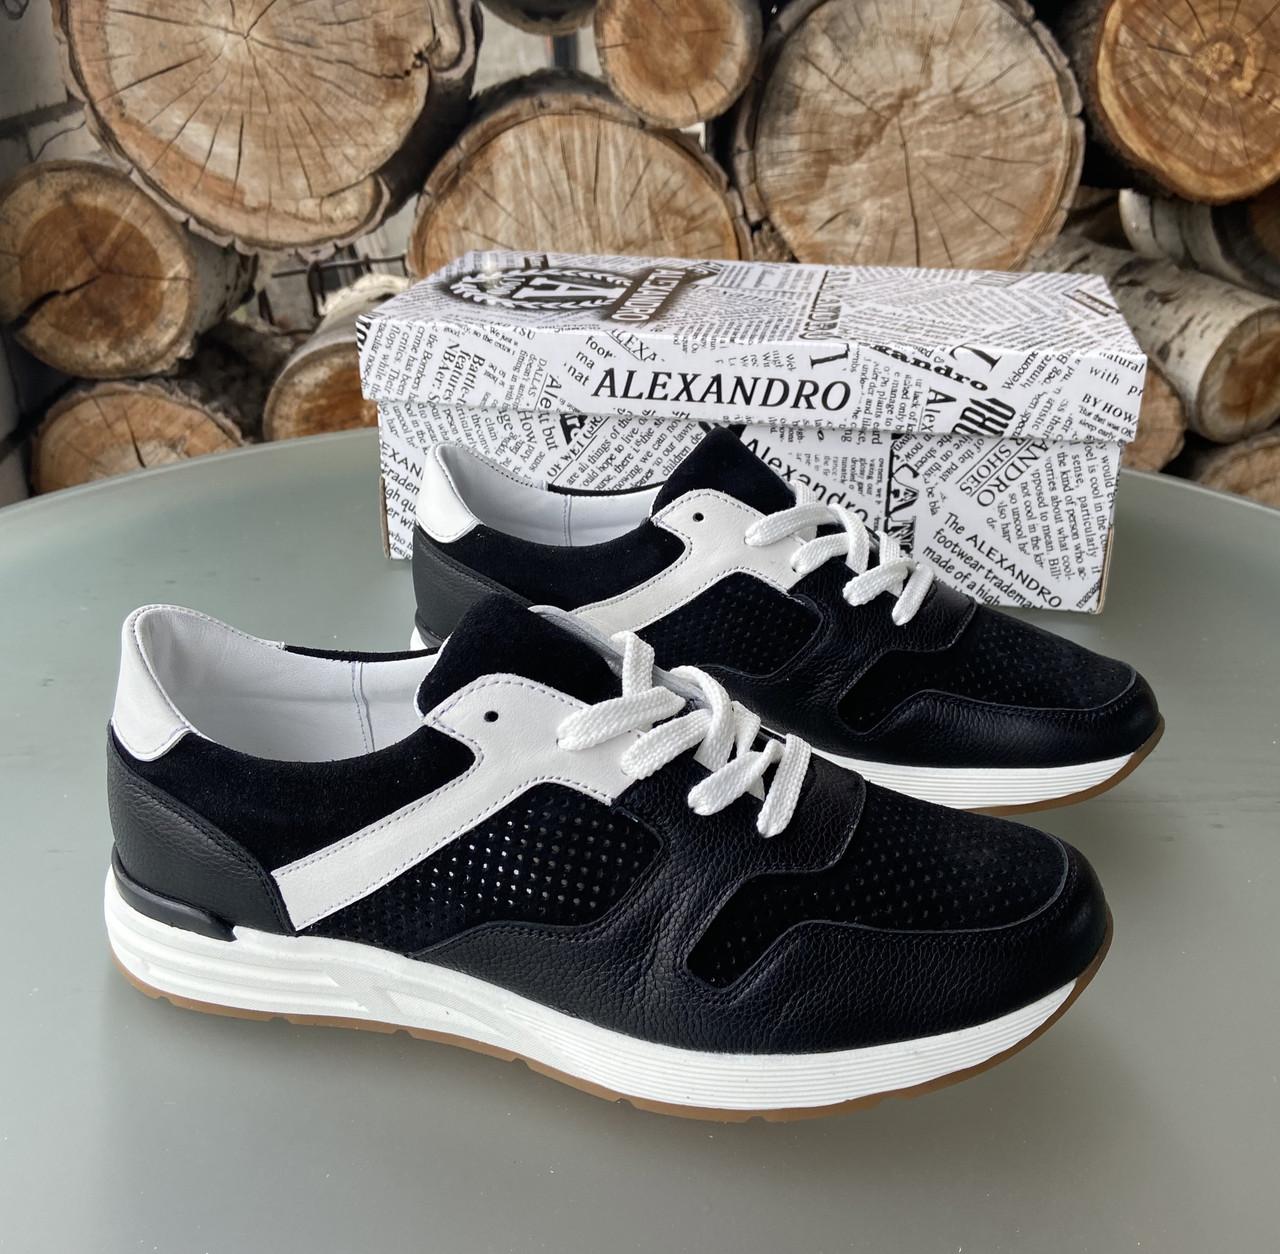 Мужские перфорированные кроссовки alexandro натуральная кожа 43